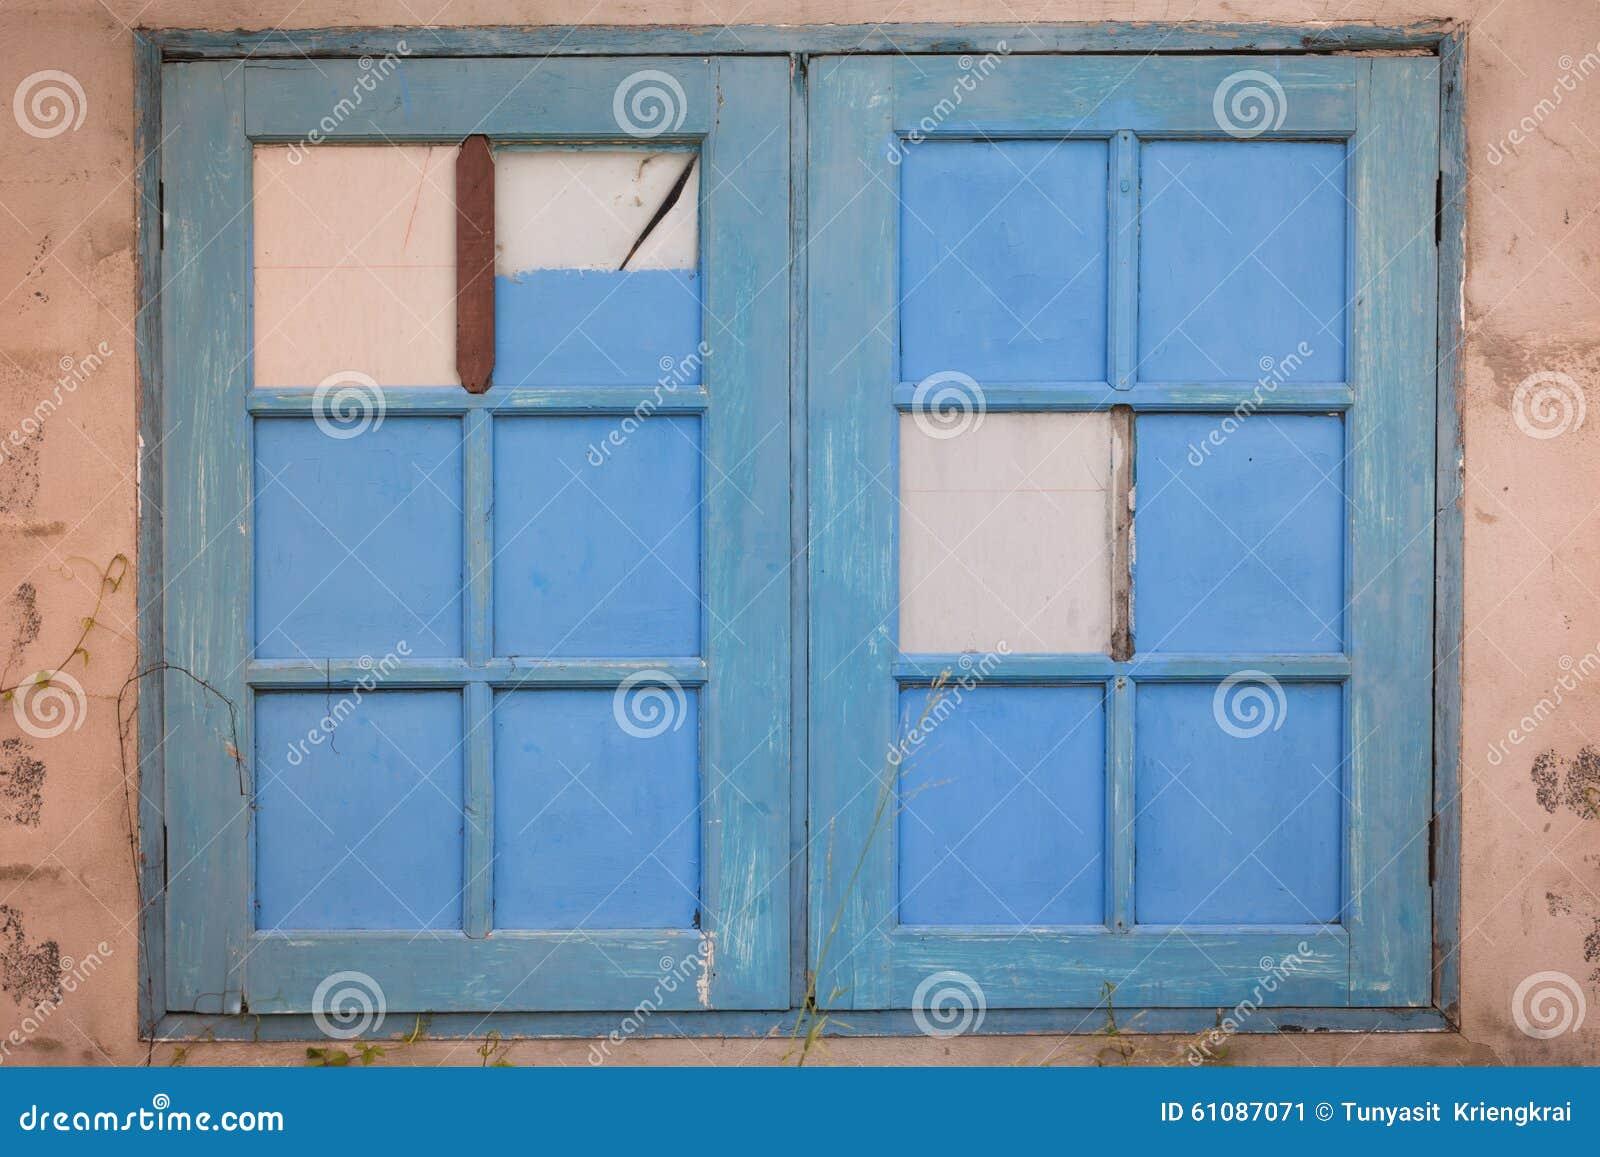 Como pintar ventanas de madera ventana de madera pintada for Pintar ventanas de madera exterior